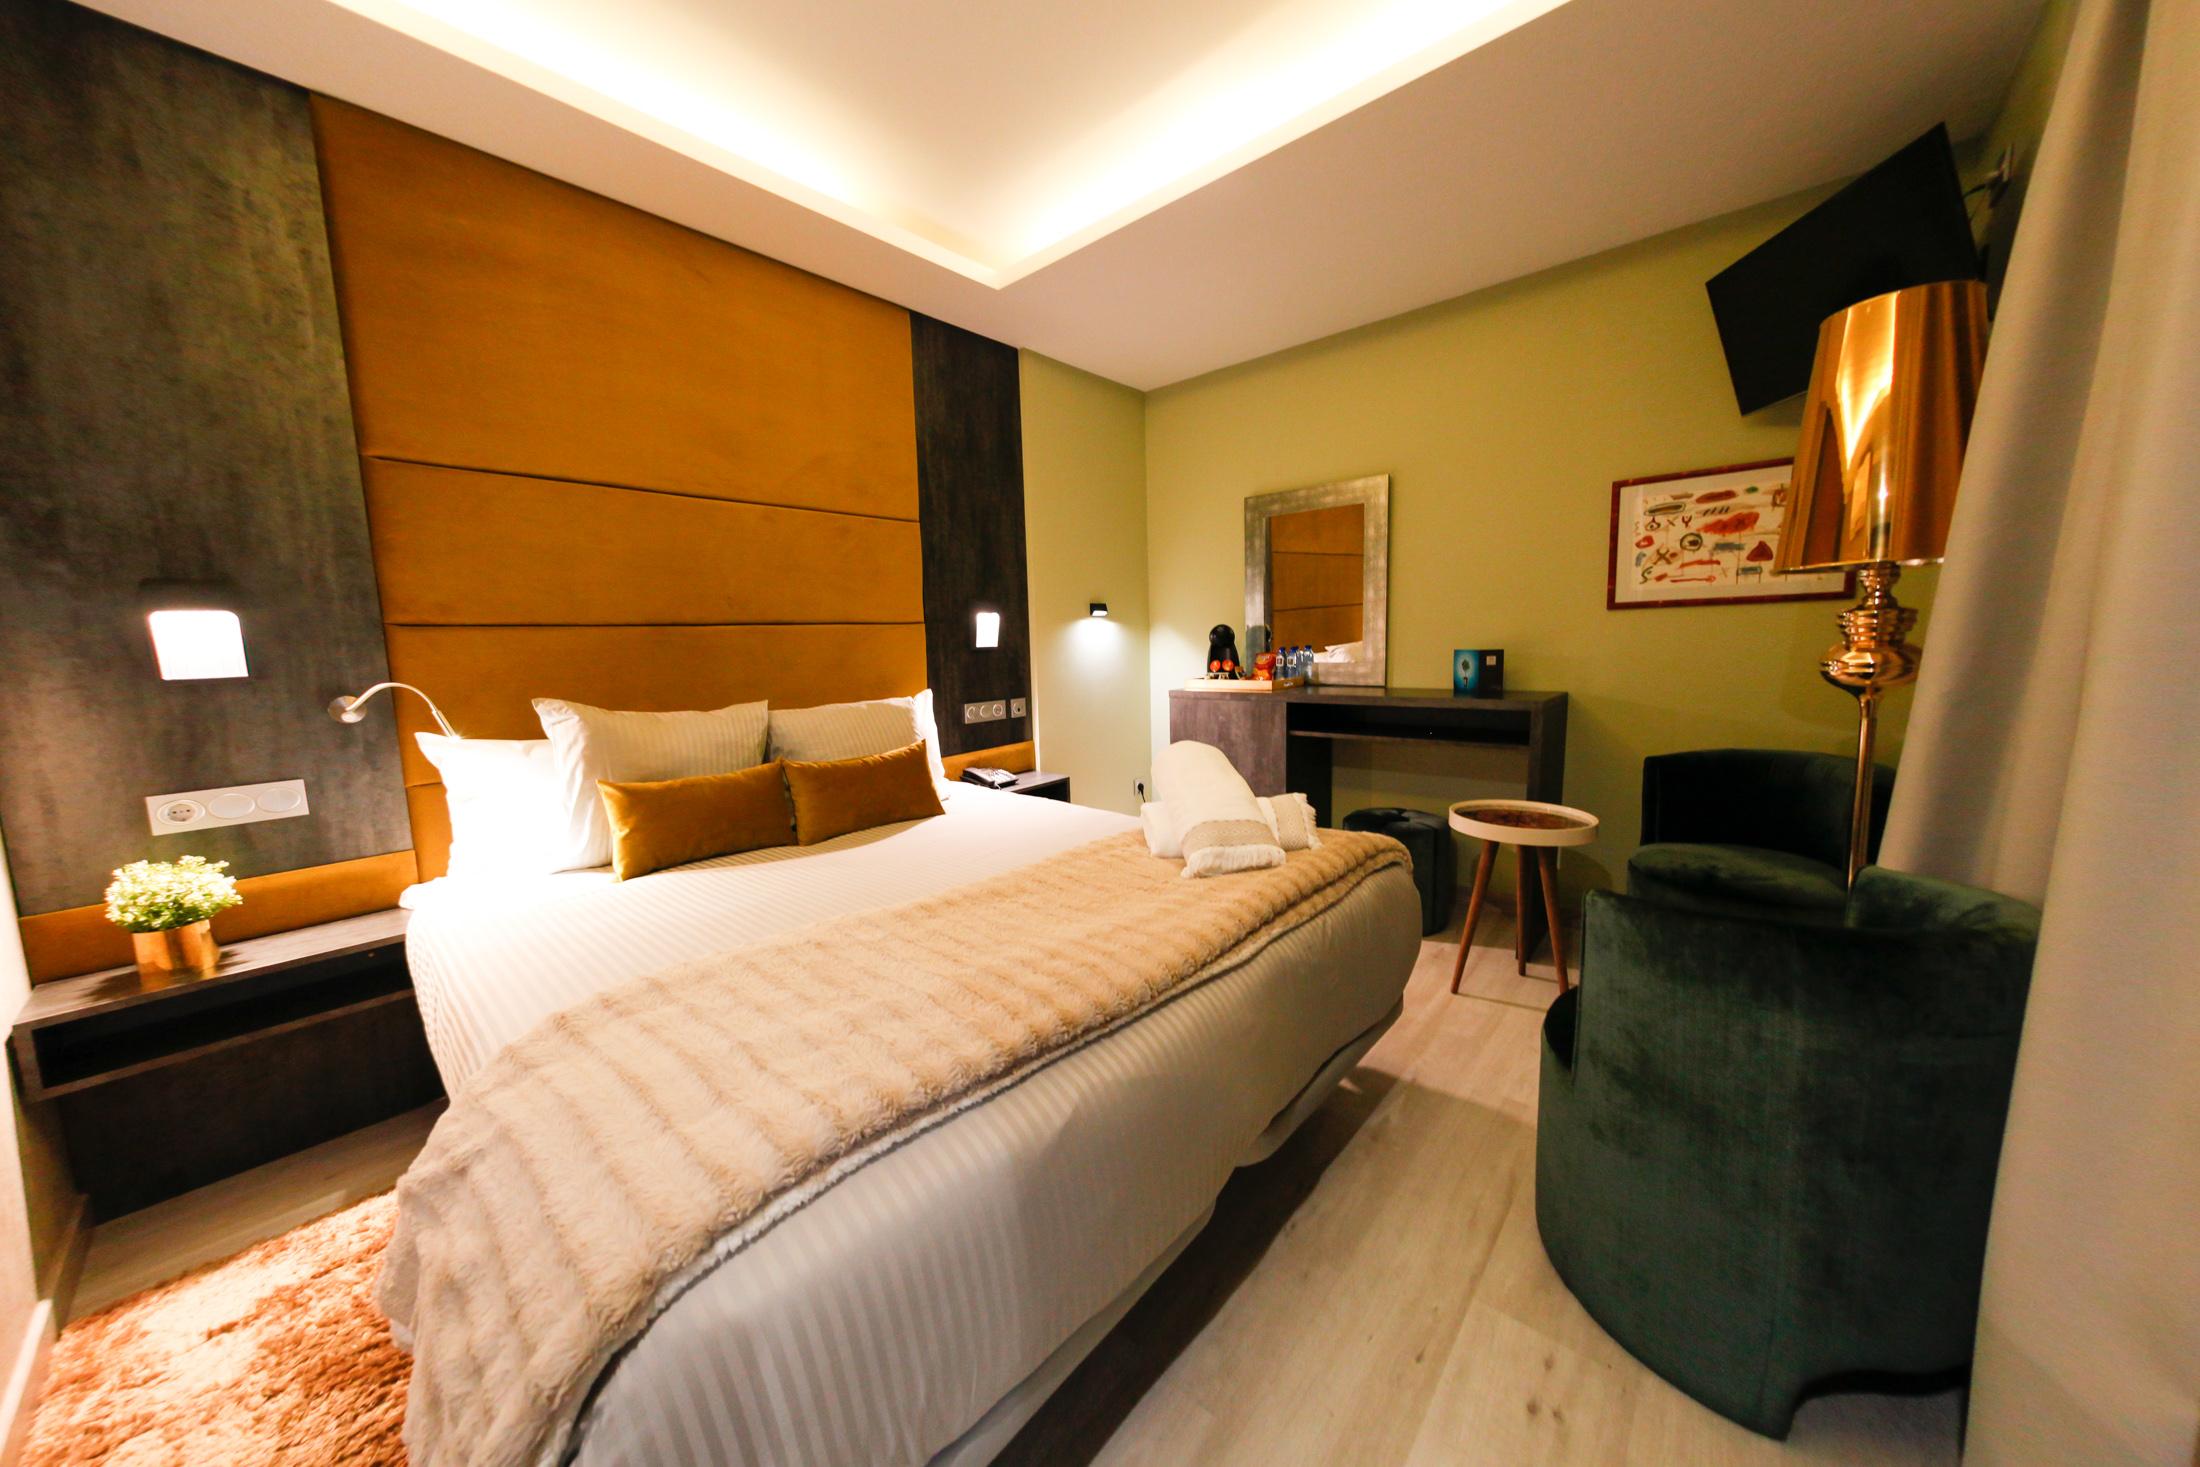 Hotel-Hercules-Segunda-5